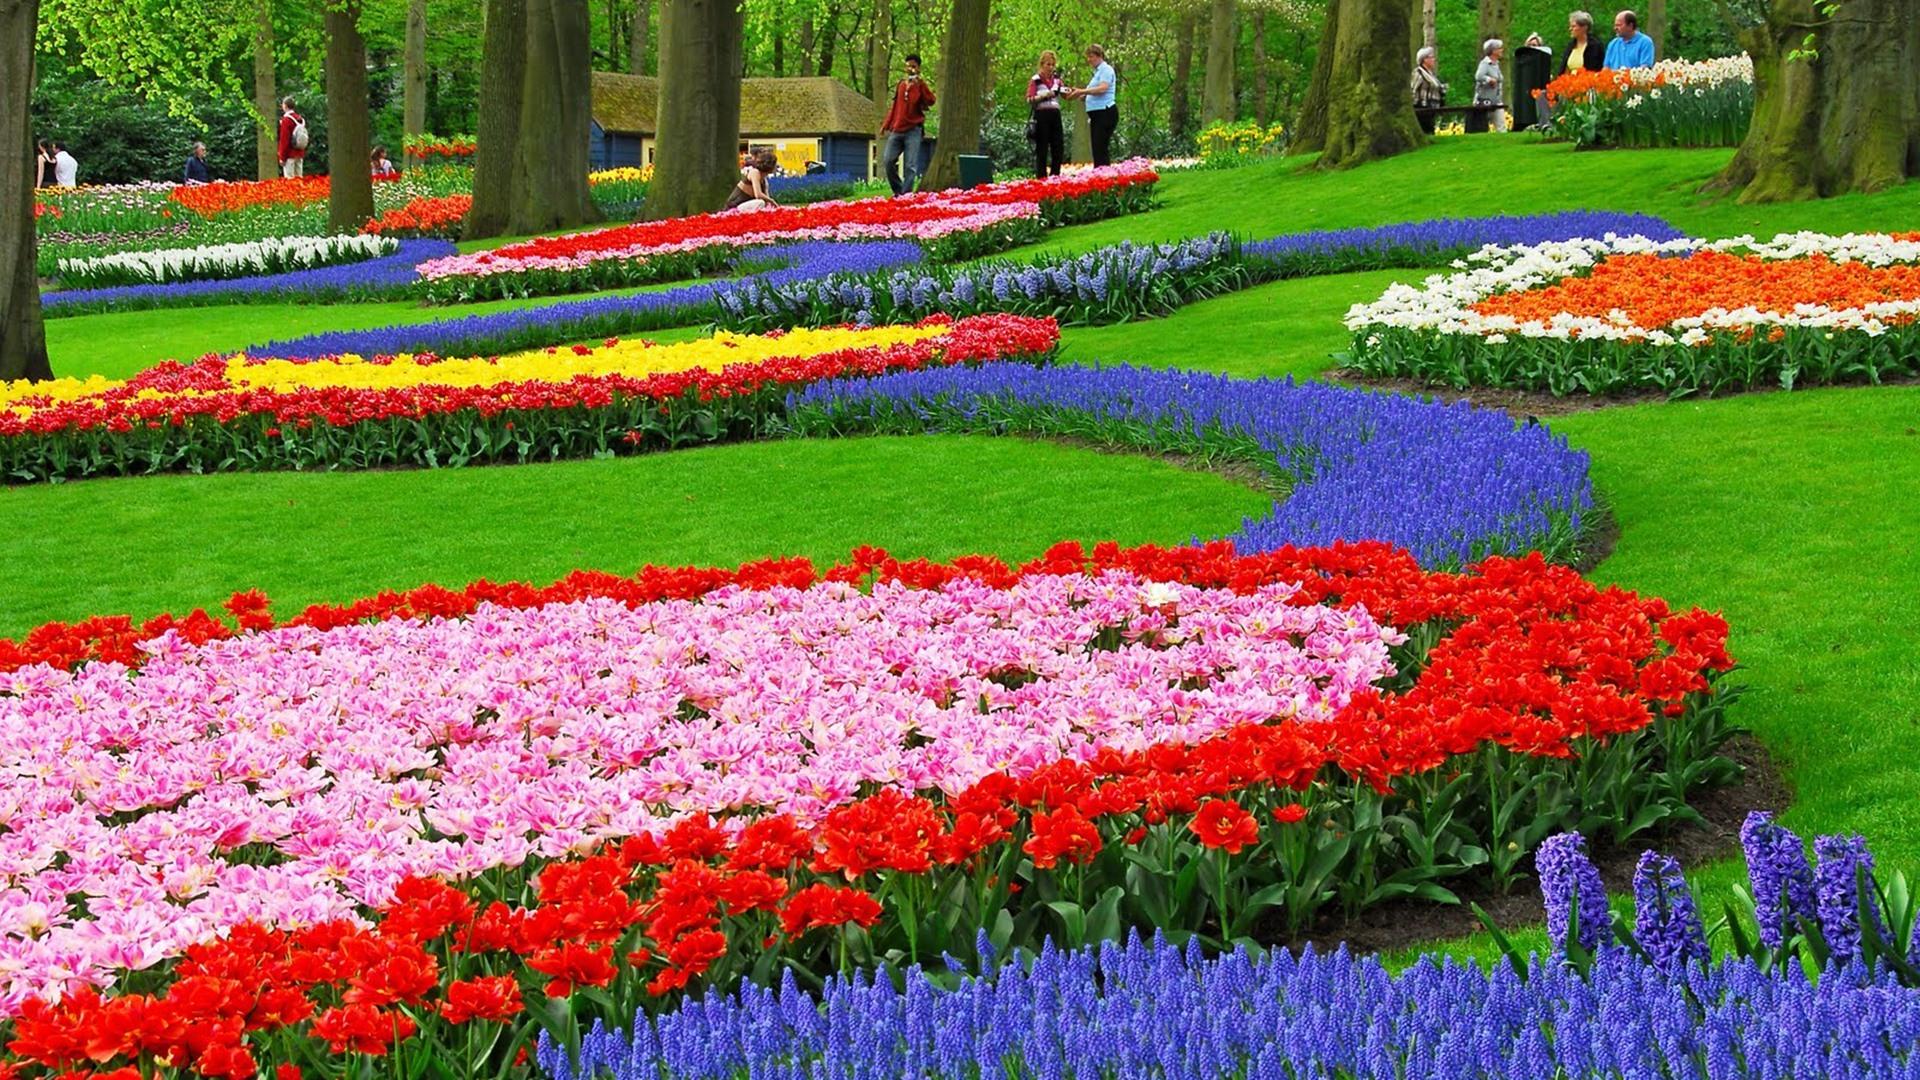 Hình ảnh vườn hoa mùa xuân đẹp